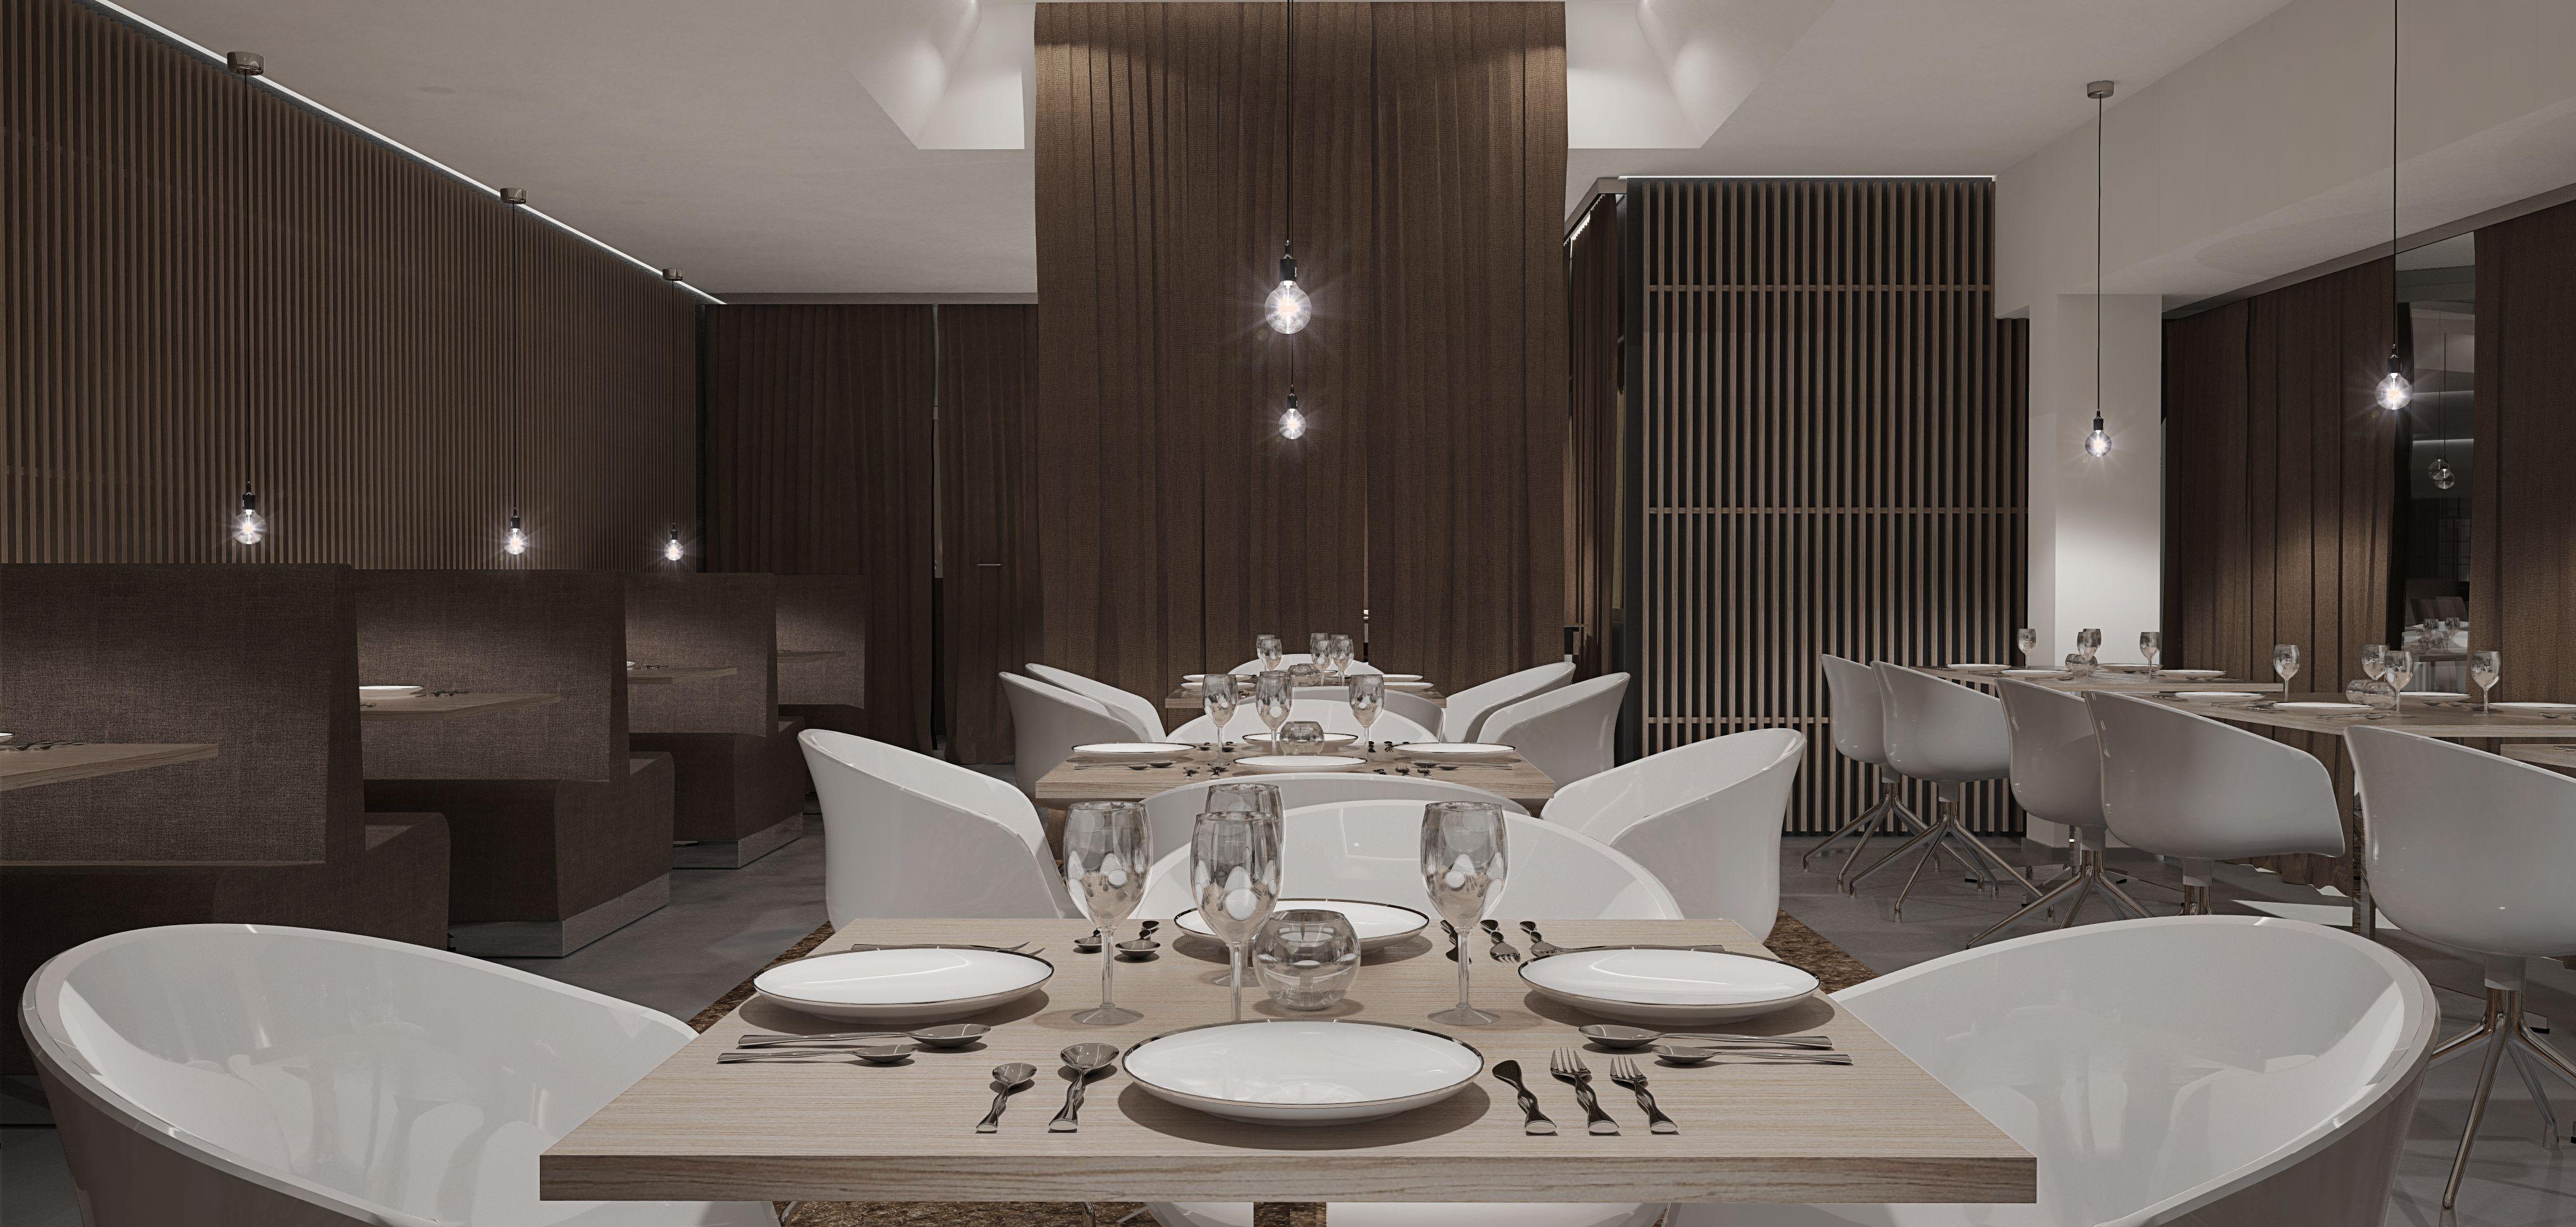 Planung eines italienischen Restaurants. Ausführung und Umbau durch Schuster Innenausbau